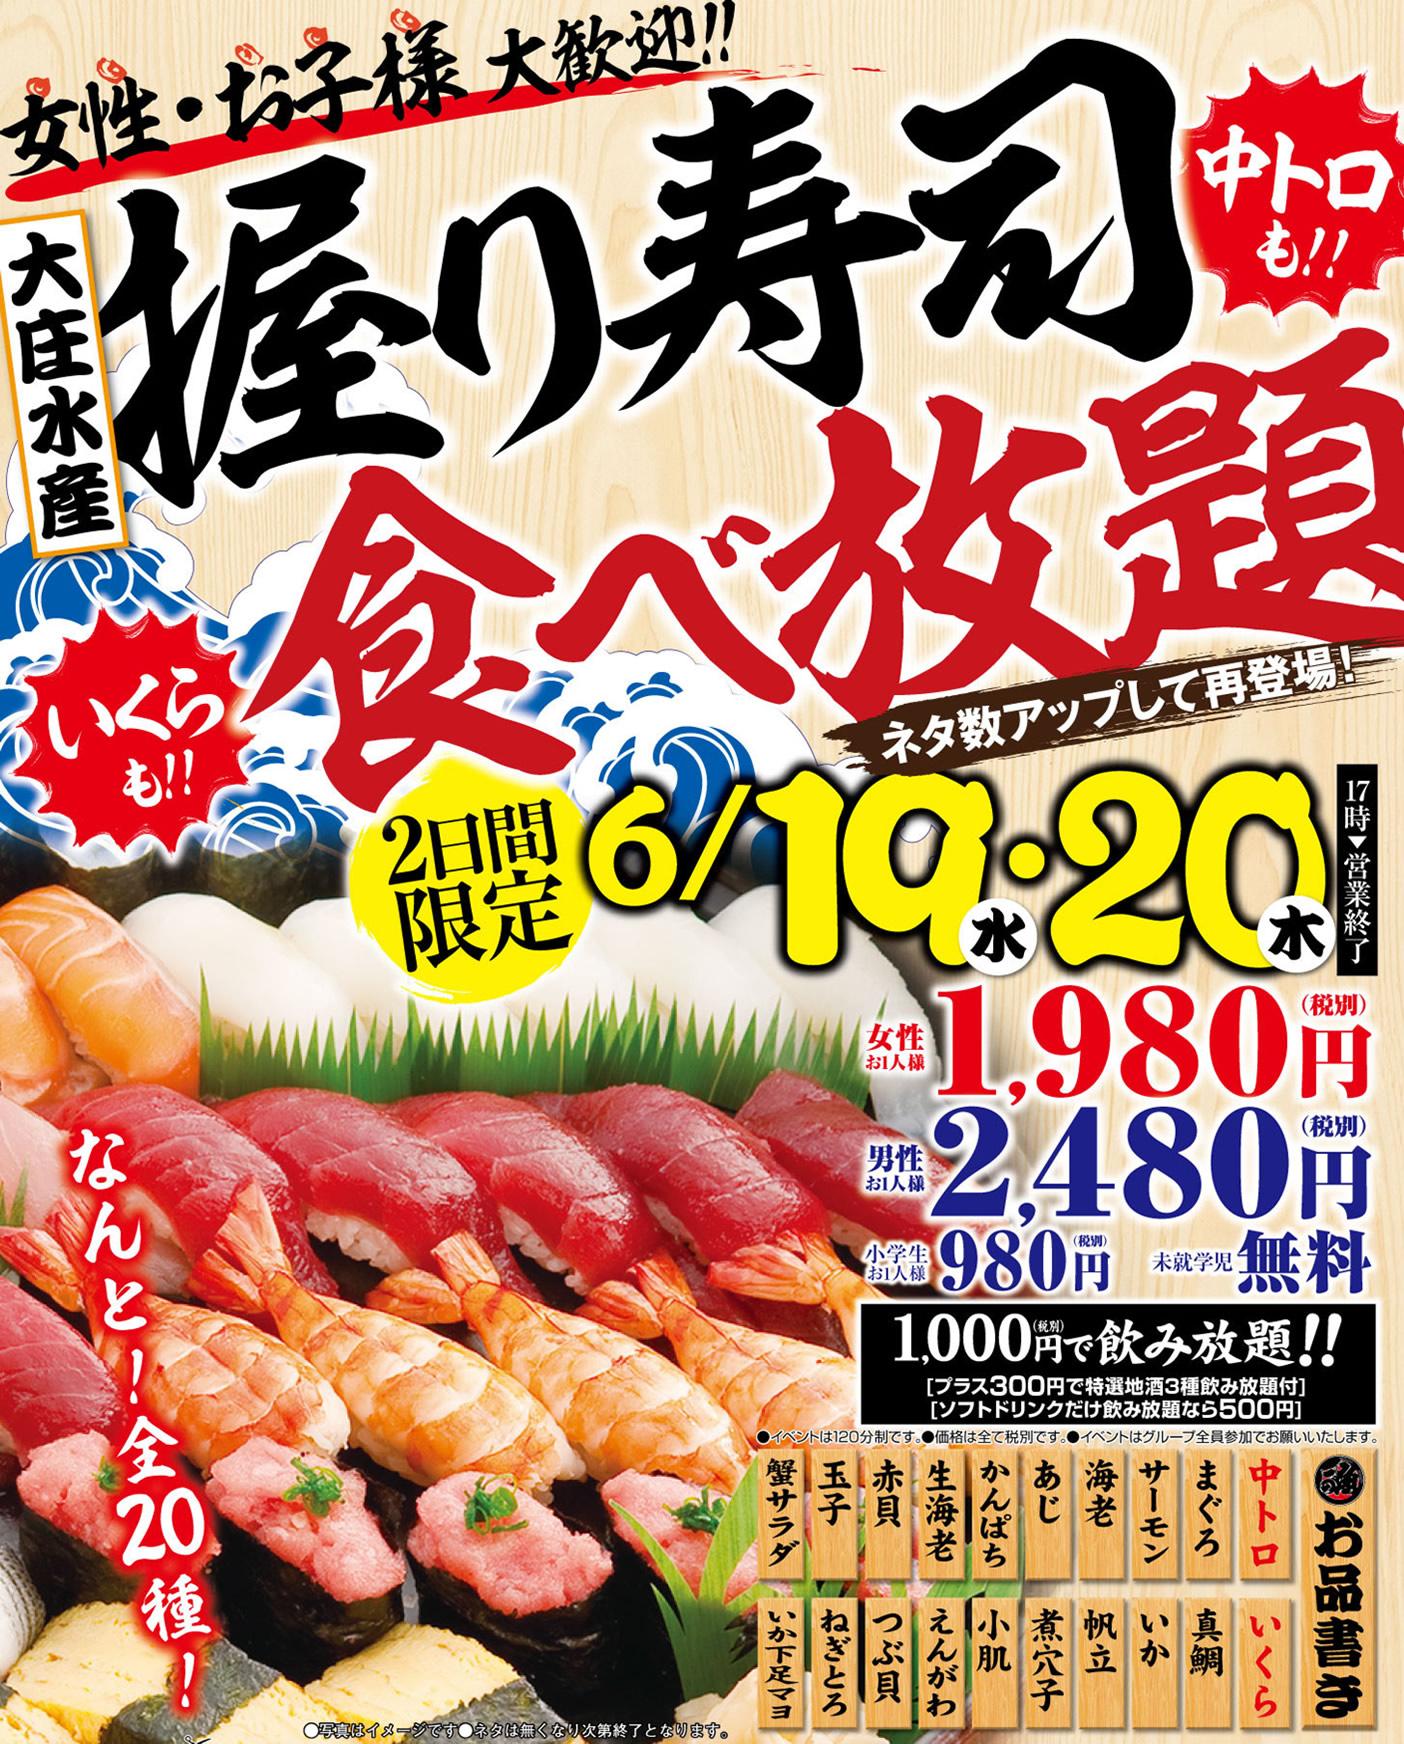 【大庄水産】★握り寿司食べ放題*6月19日(水)・20日(木)!★